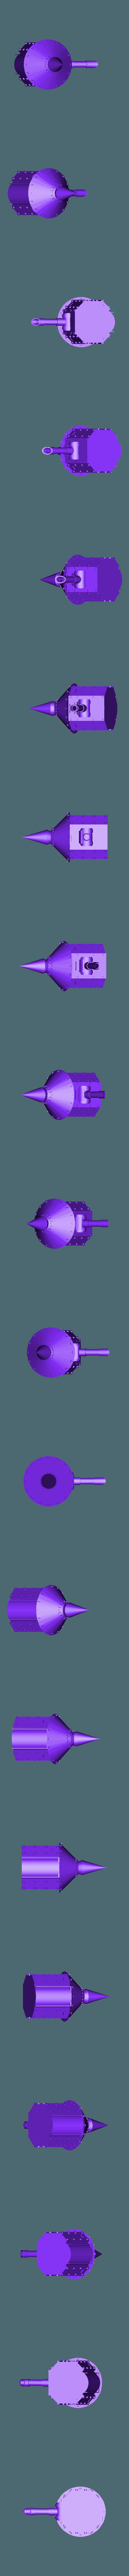 Skull_hammer_Turret_1_part.stl Télécharger fichier STL gratuit Demi-rail à vapeur / orque / orque • Modèle pour impression 3D, redstarkits